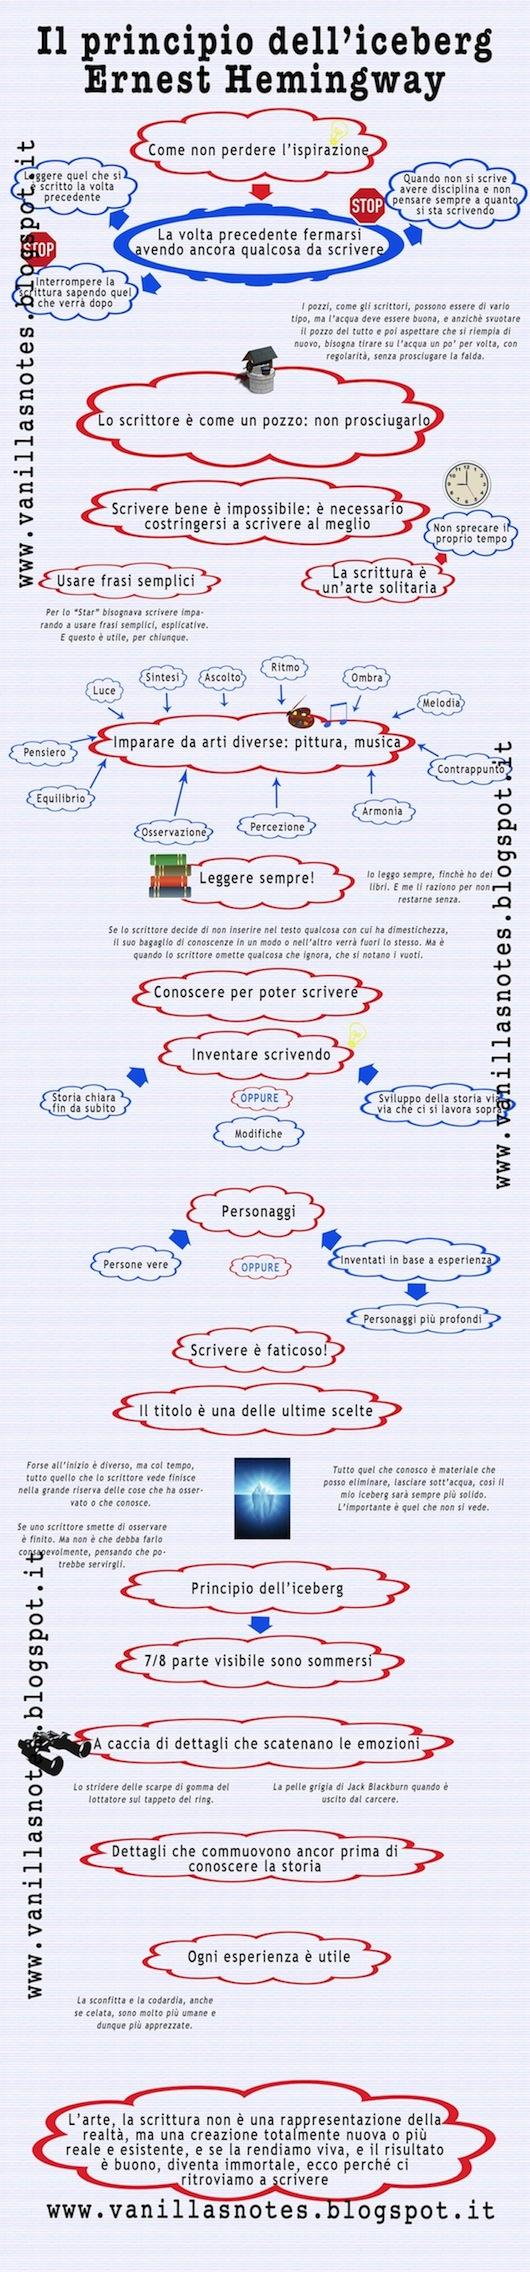 vanilla s notes ernest hemingway e il principio dell iceberg immagine dello schema riassuntivo de il principio dell iceberg di hemingway su vanillasnotes